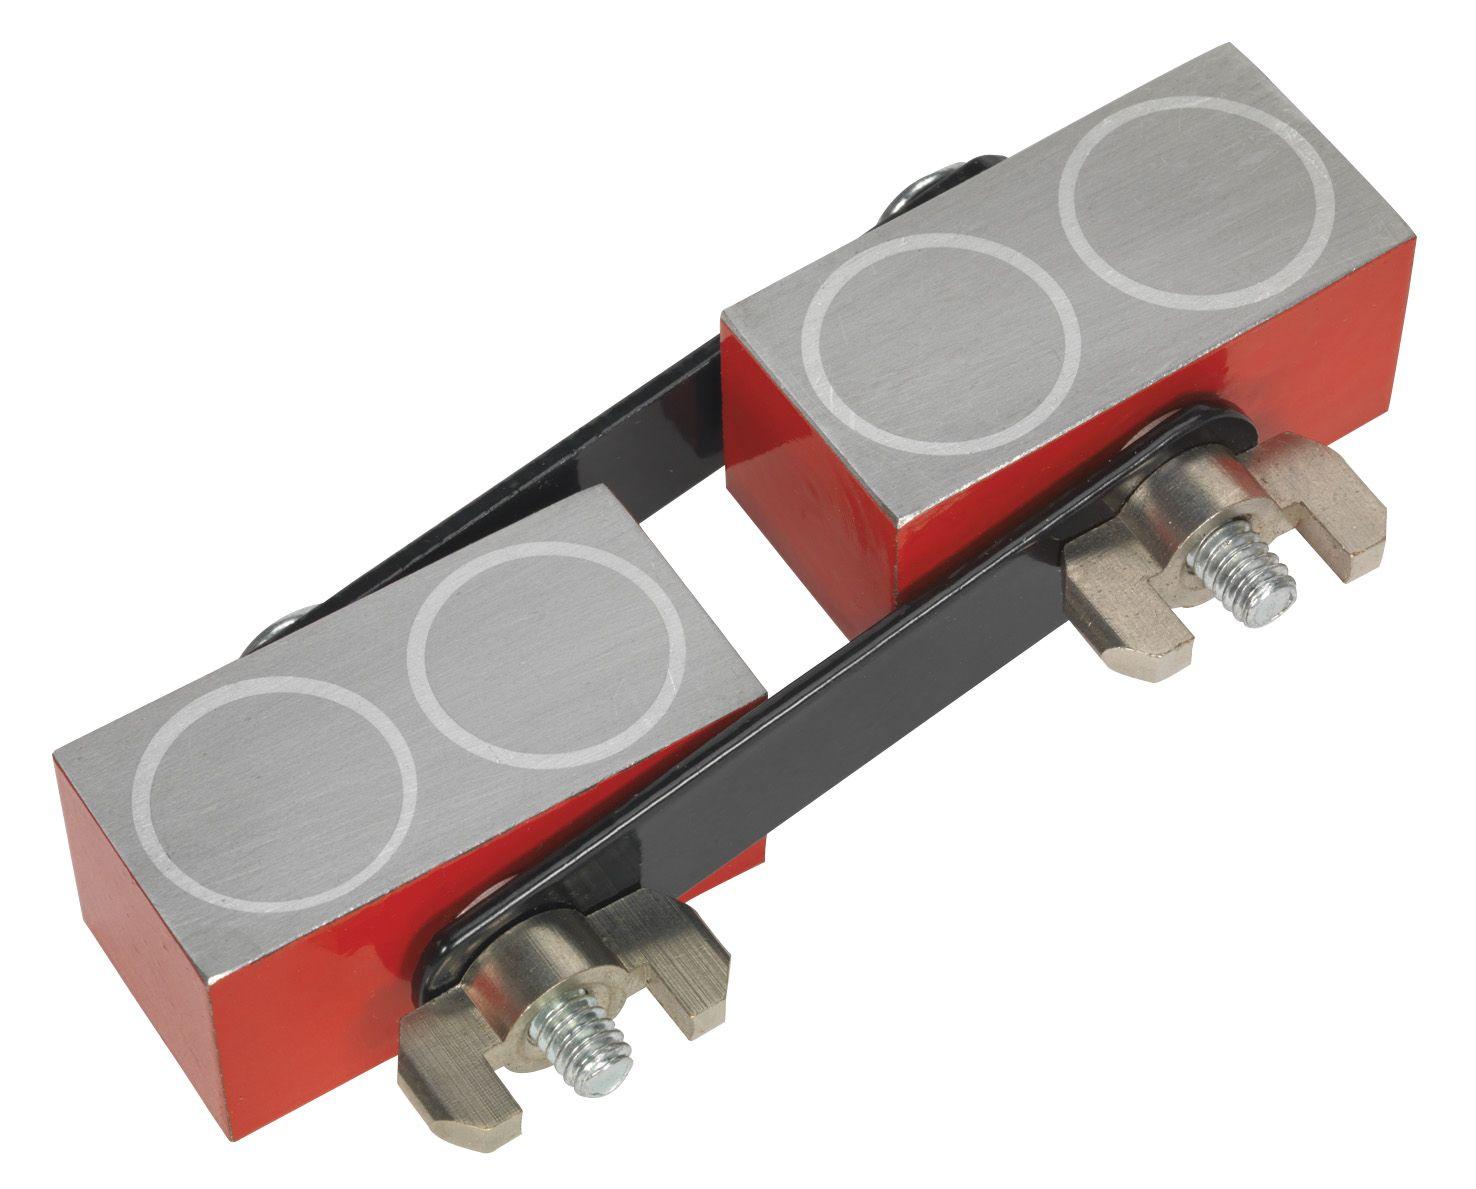 Sealey Magnetic Adjustable Link